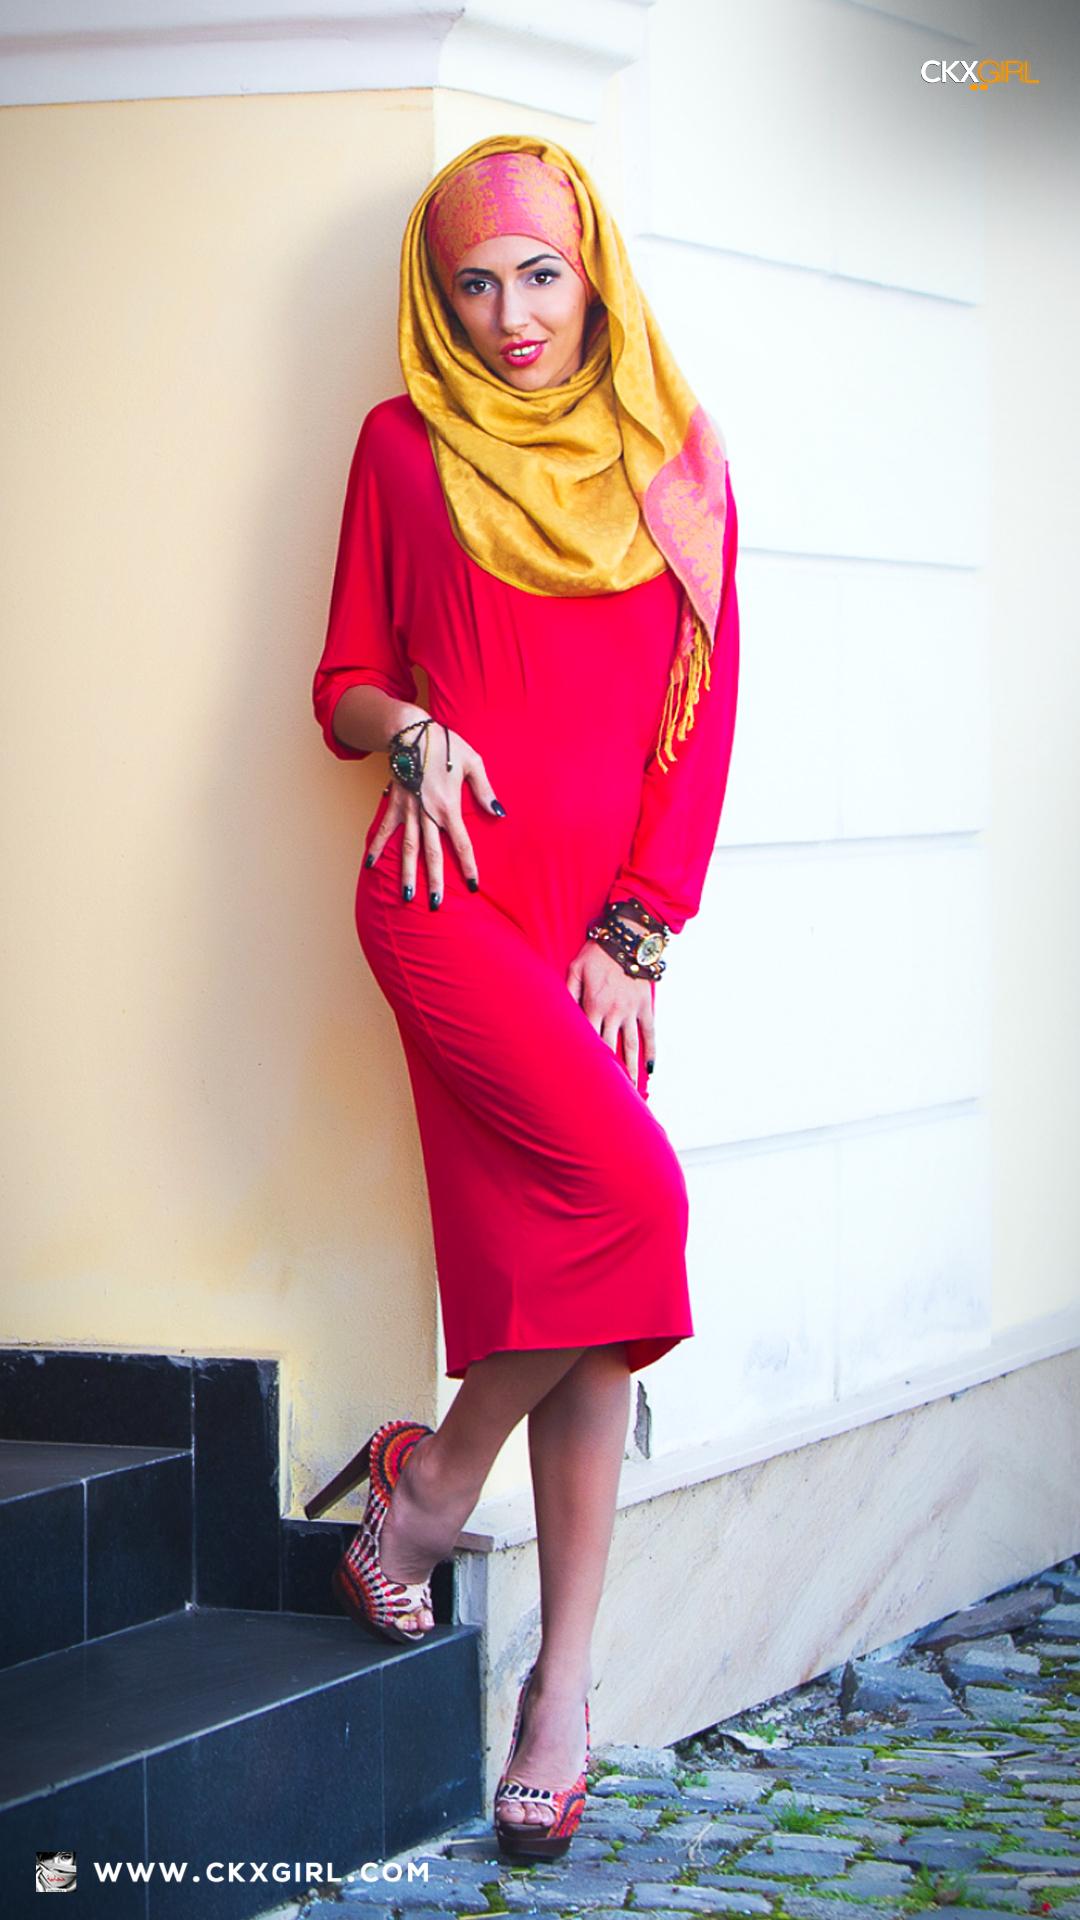 Photos  Zeiramuslim  Xxx Hijab Arab Girl  Live  Sex Show-3475